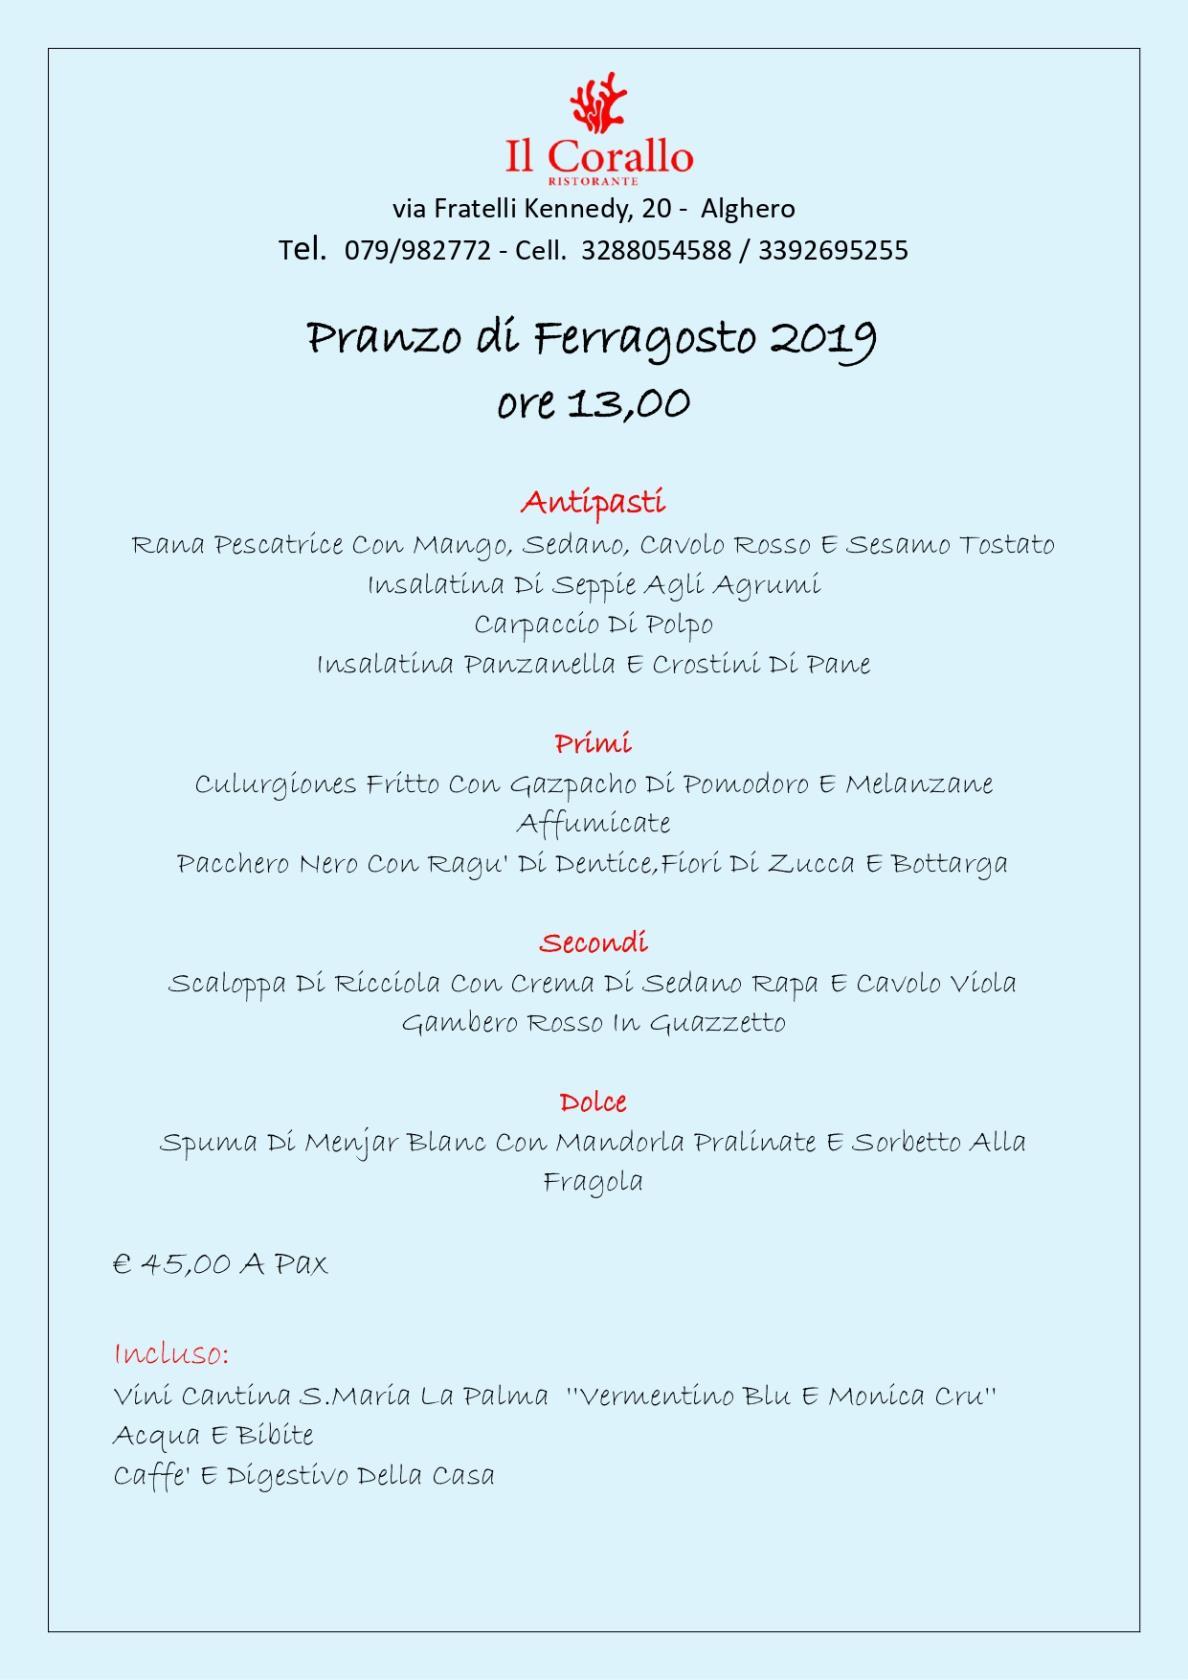 Pranzo di Ferragosto 2019 ore 13,00